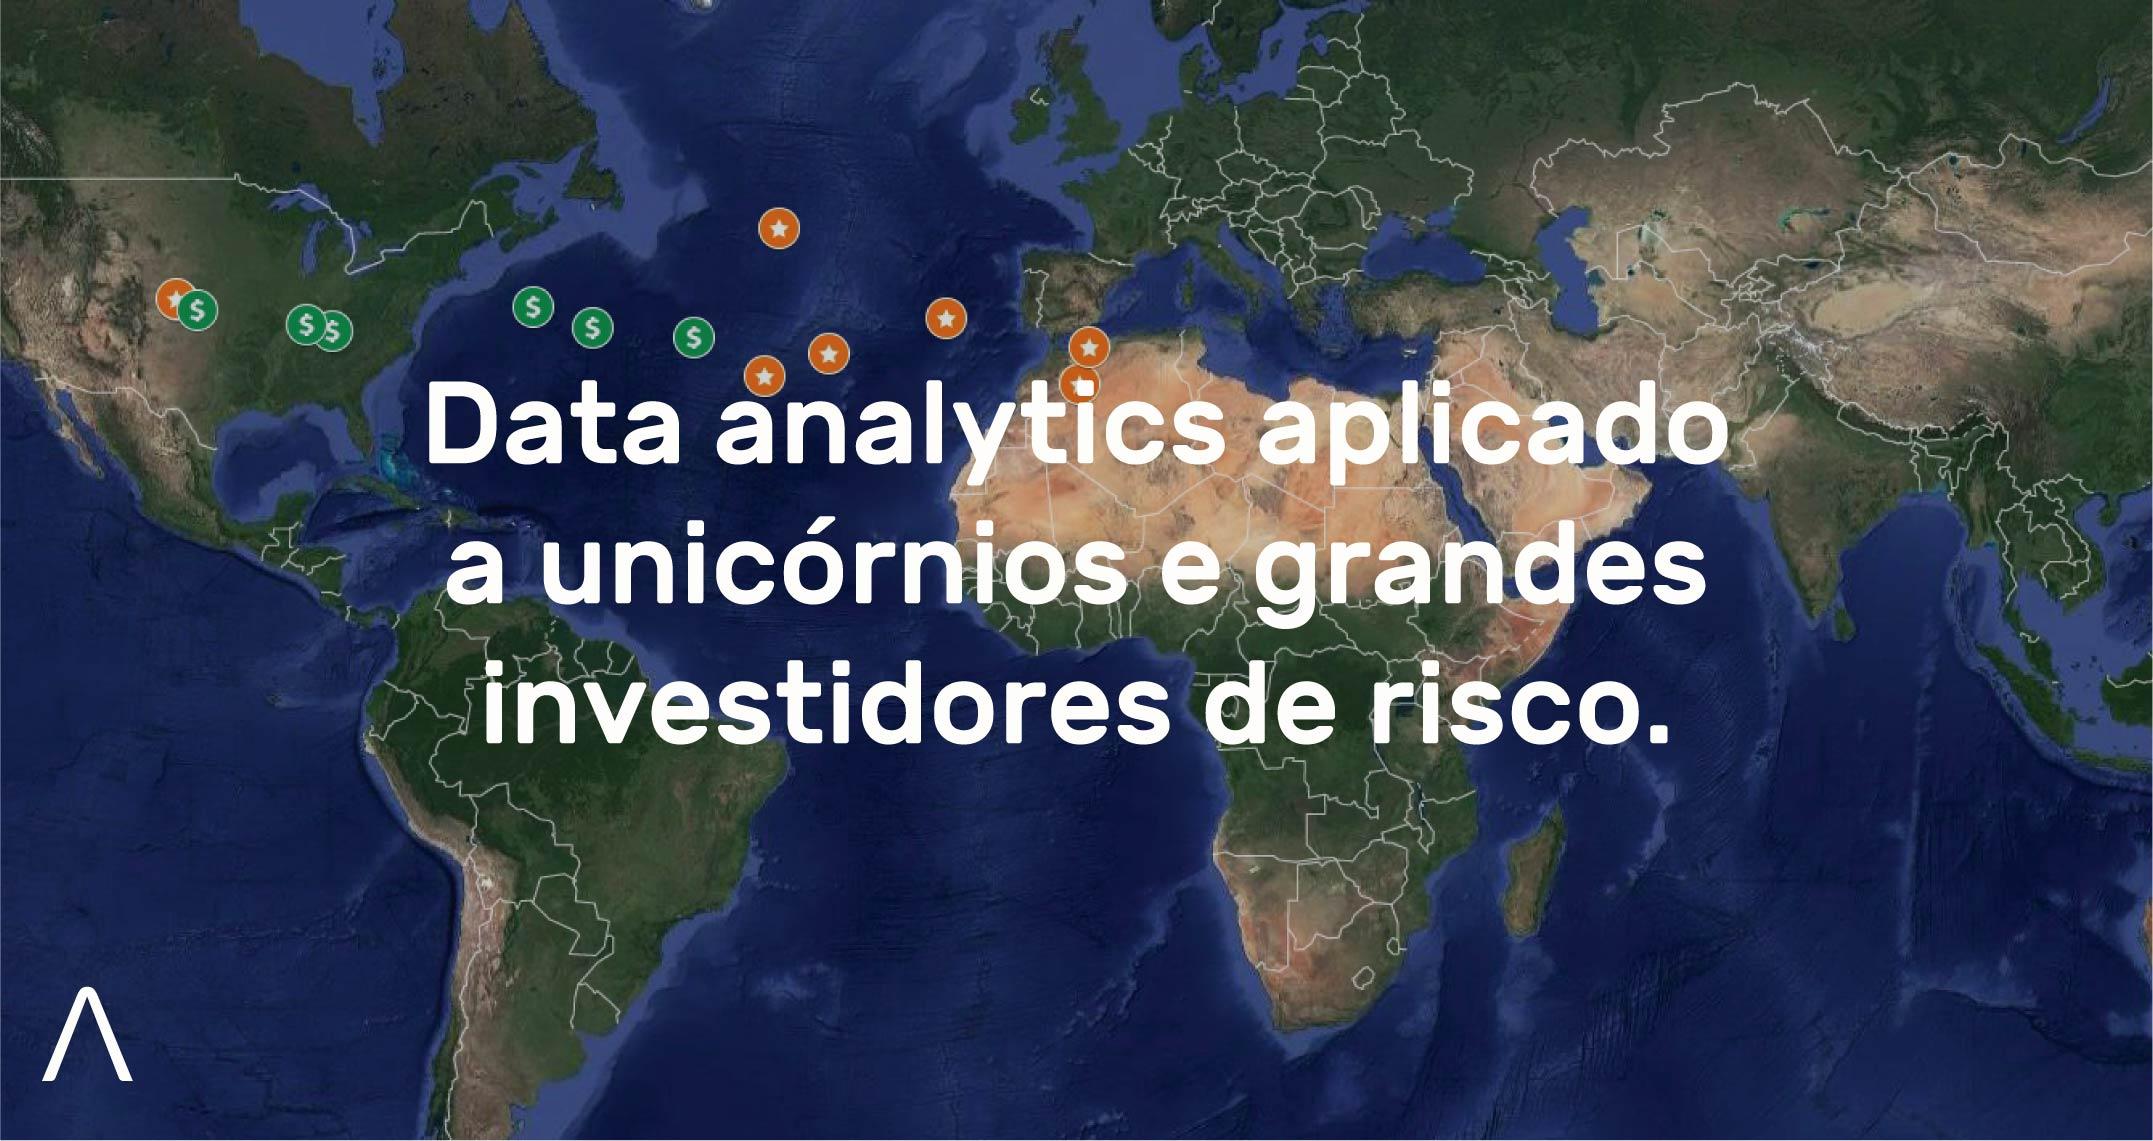 Analytics aplicado a unicórnios e grandes investidores de risco